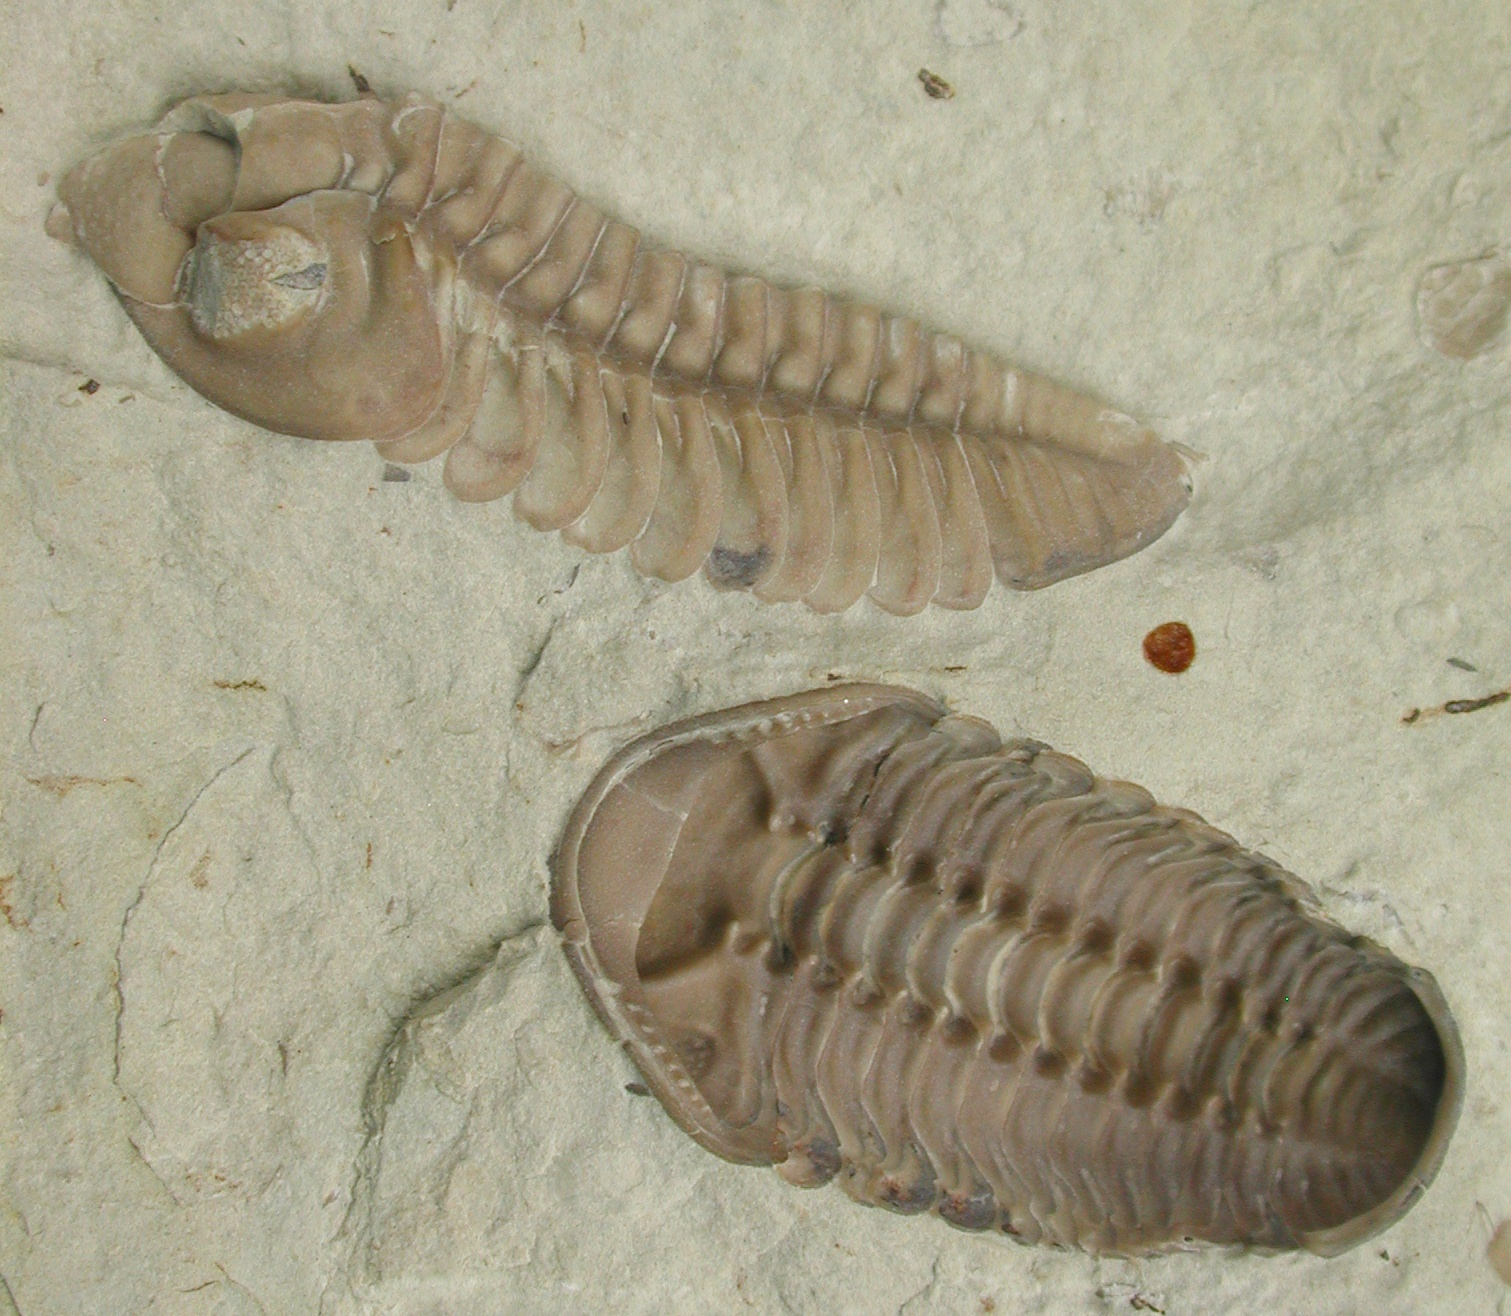 Trilobite Mini Fossil Cast